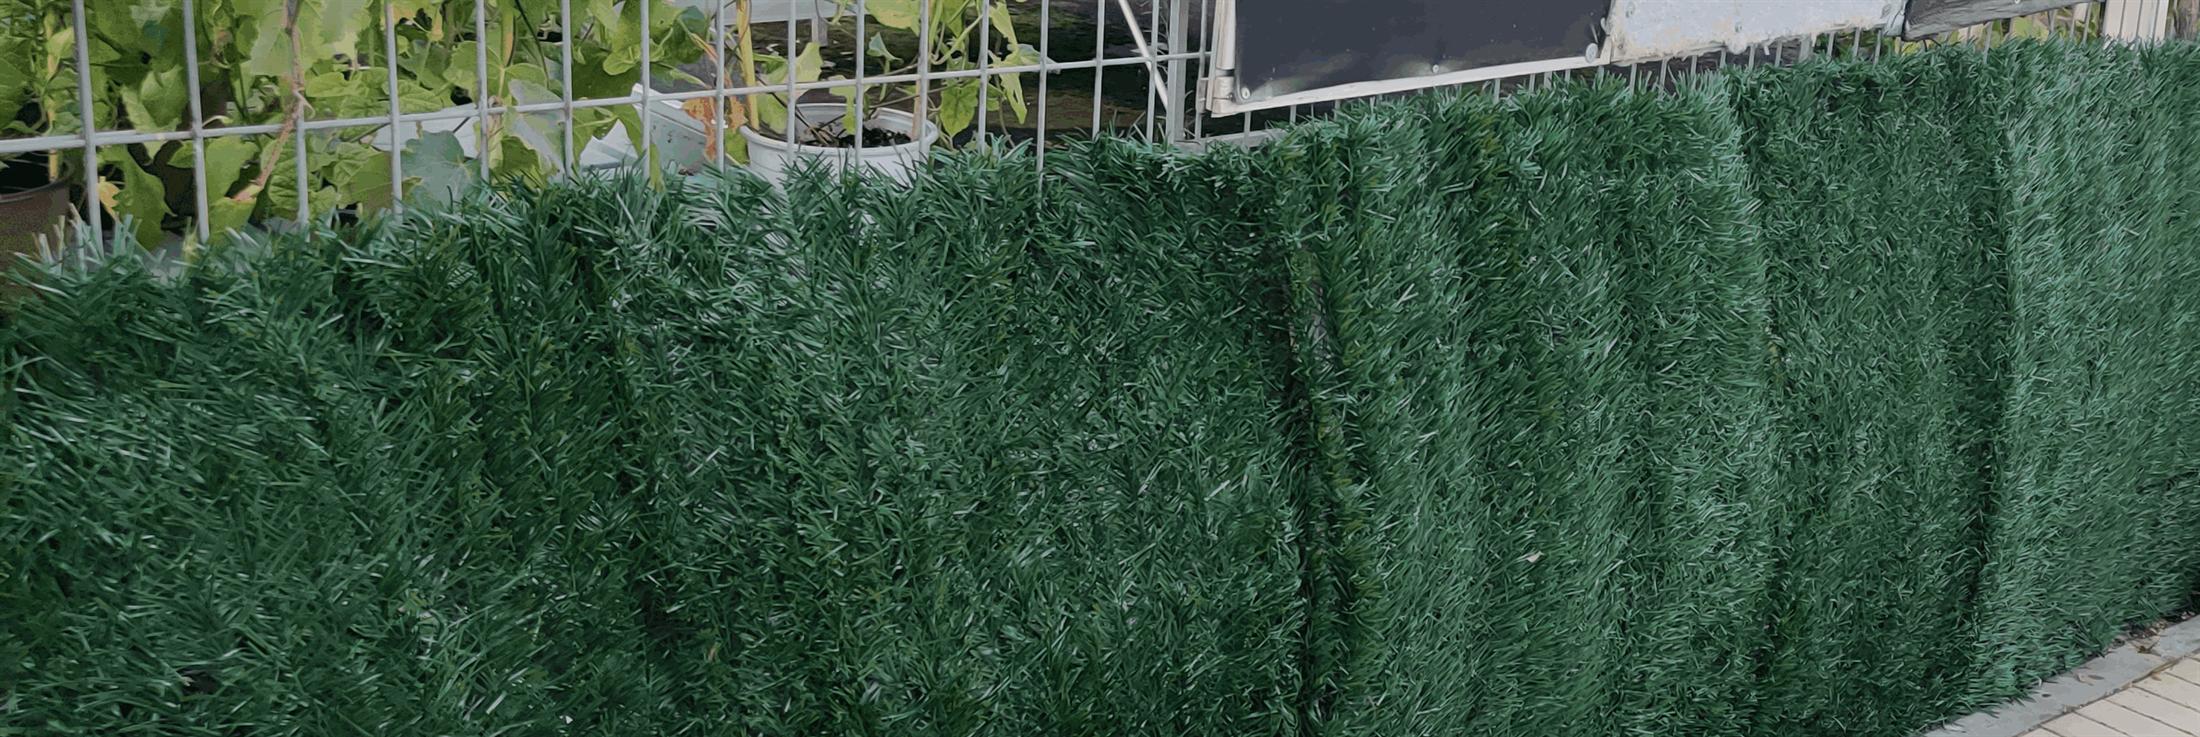 גדר ירוקה